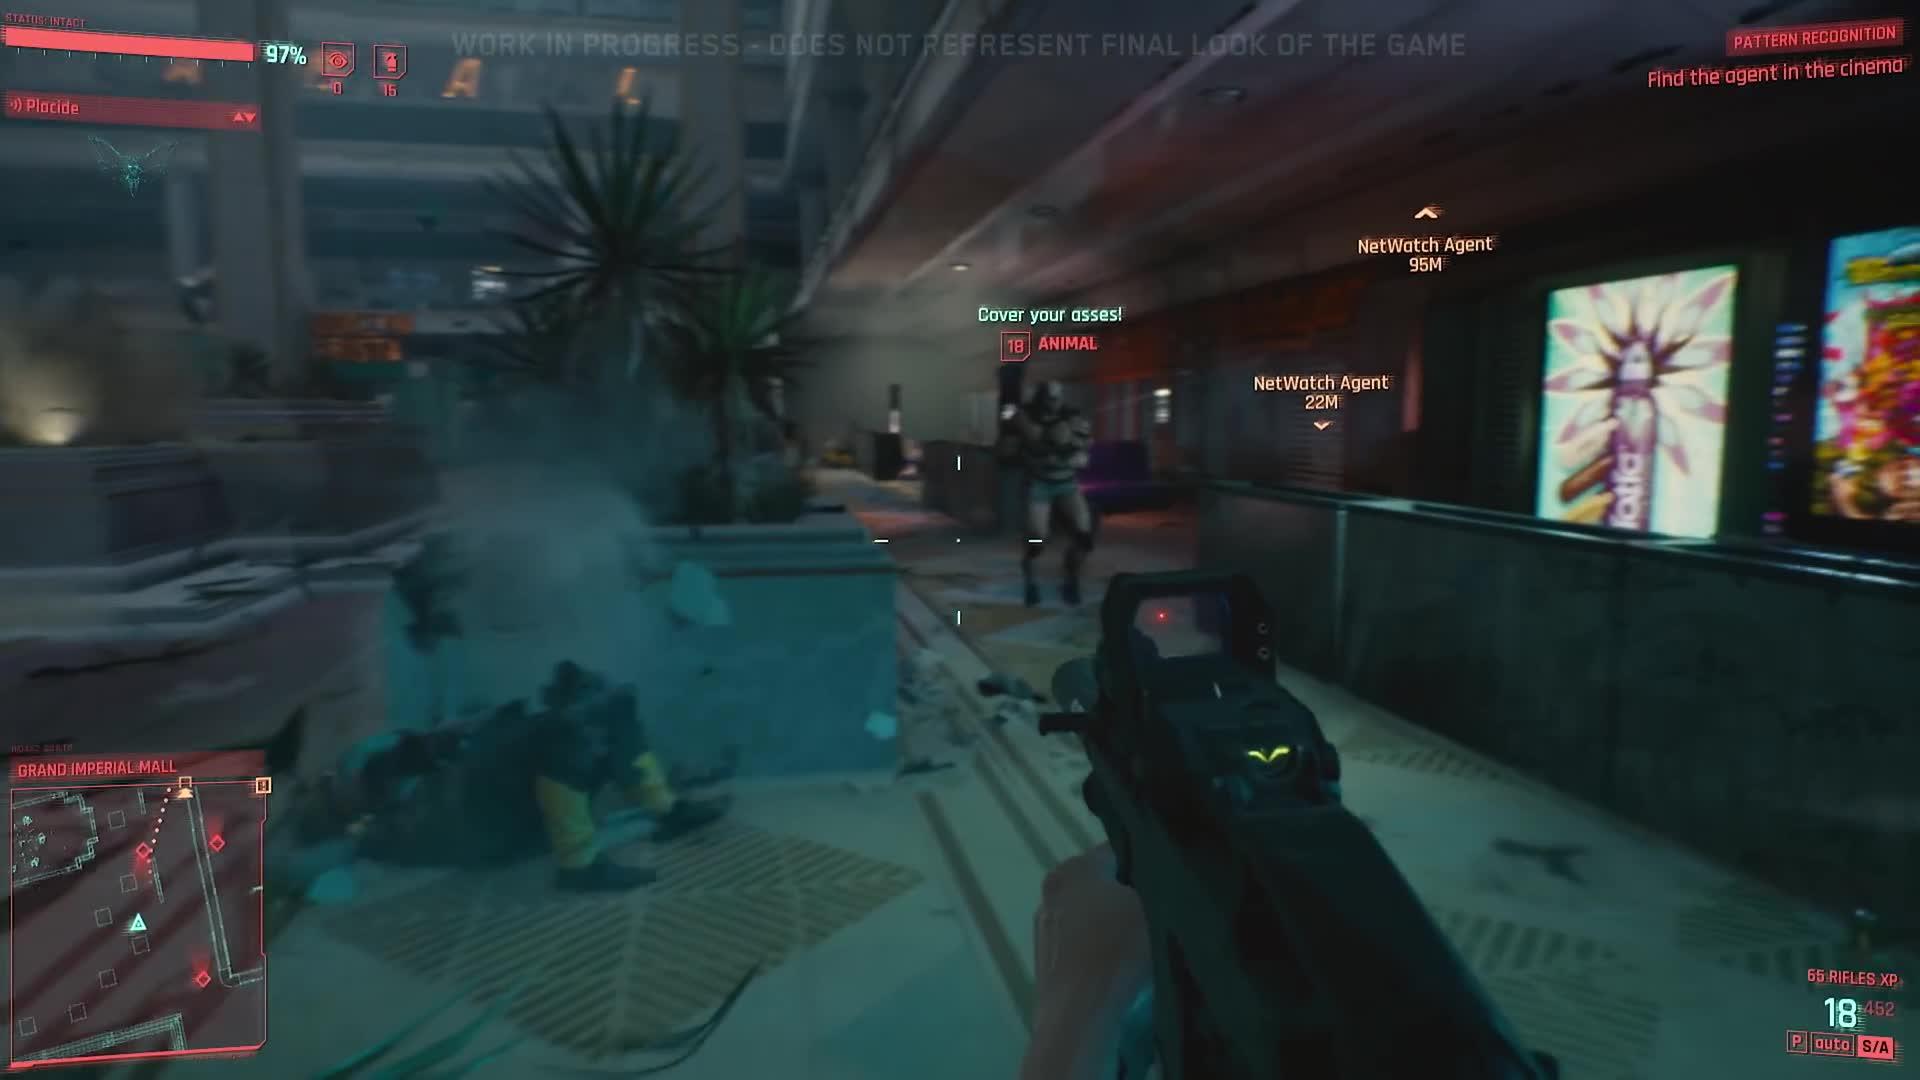 Cyberpunk 2077 - Deep Dive Video [HD] screen capture